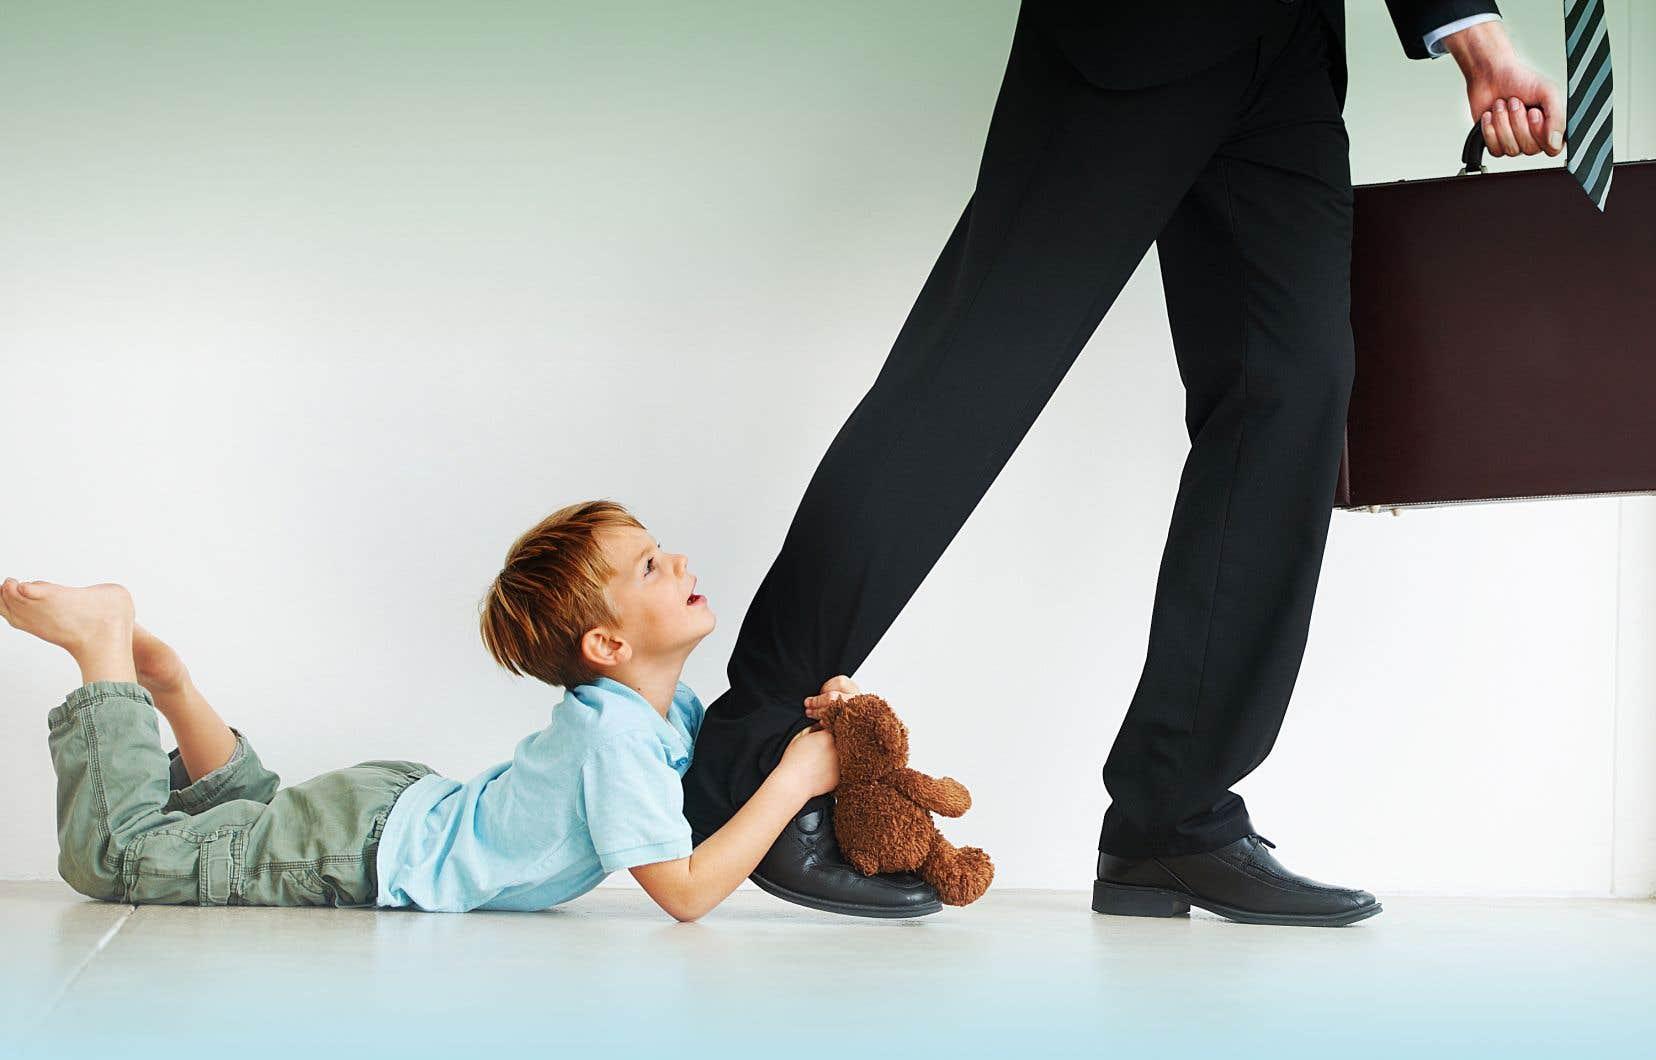 62% des parents trouvent que la conciliation famille-travail constitue une source importante de stress, un chiffre qui grimpe à 66% chez les parents d'enfant de 0 à 5ans.